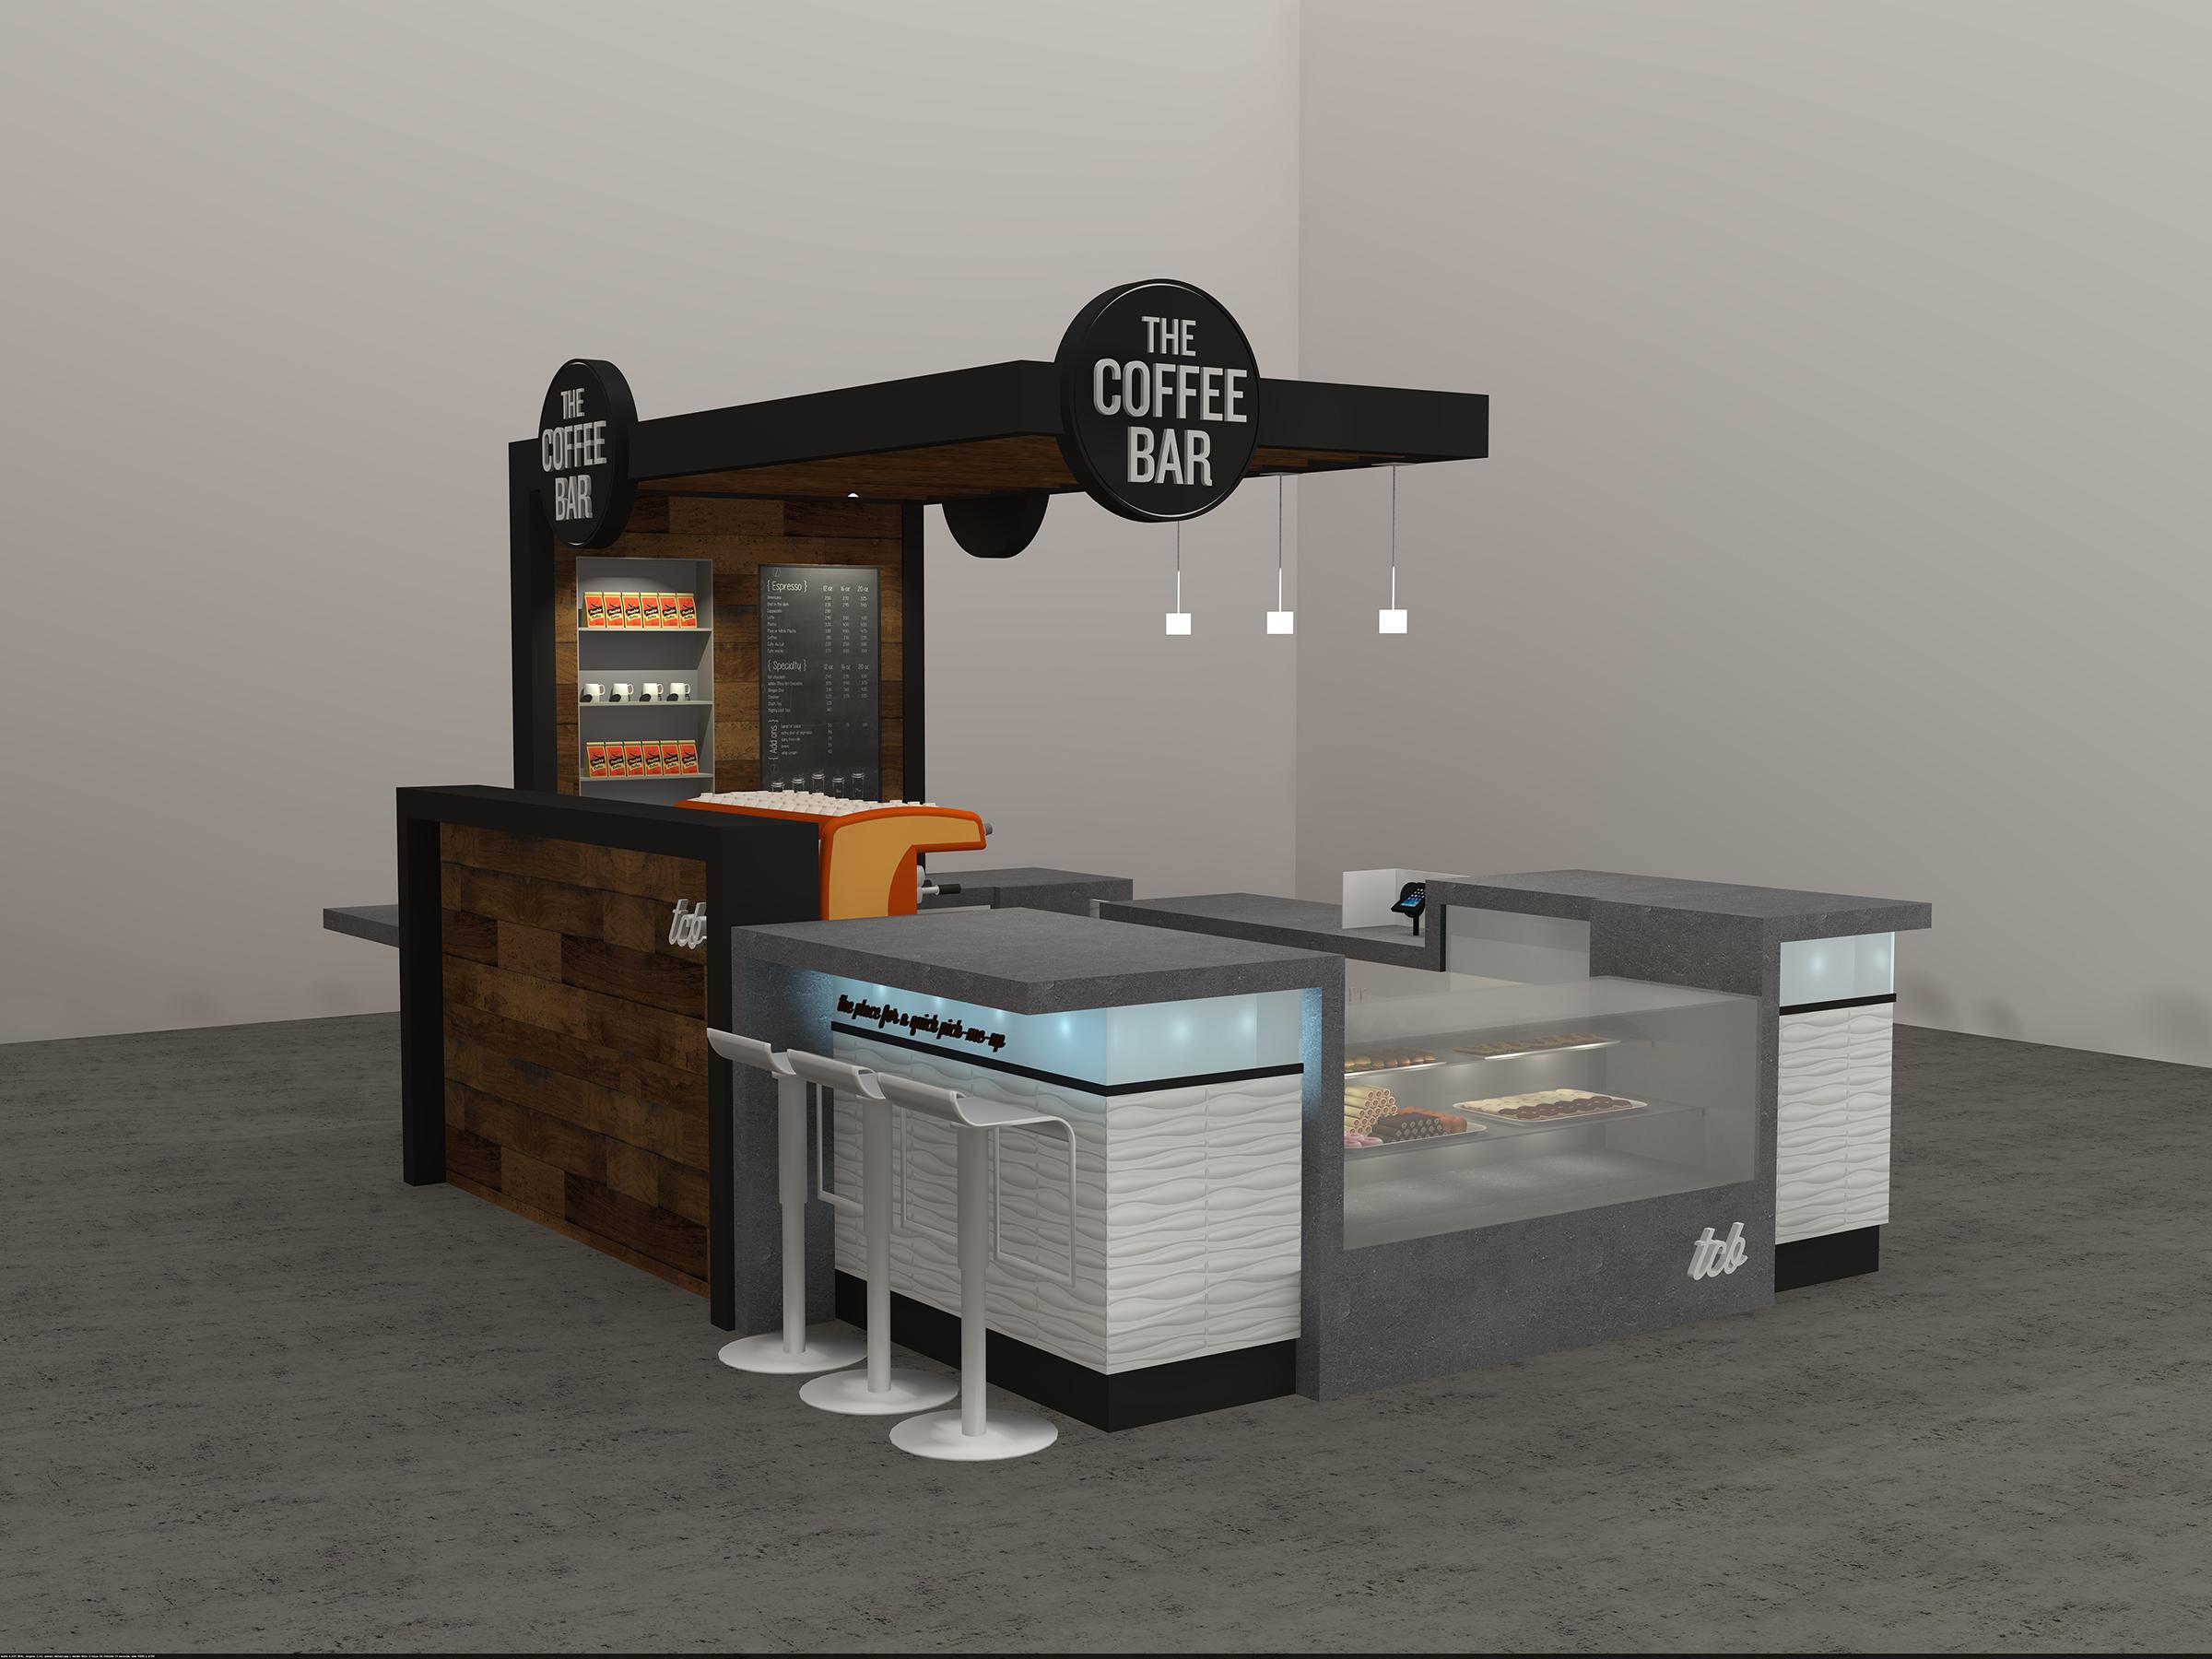 city-center-custom-kiosk.jpg